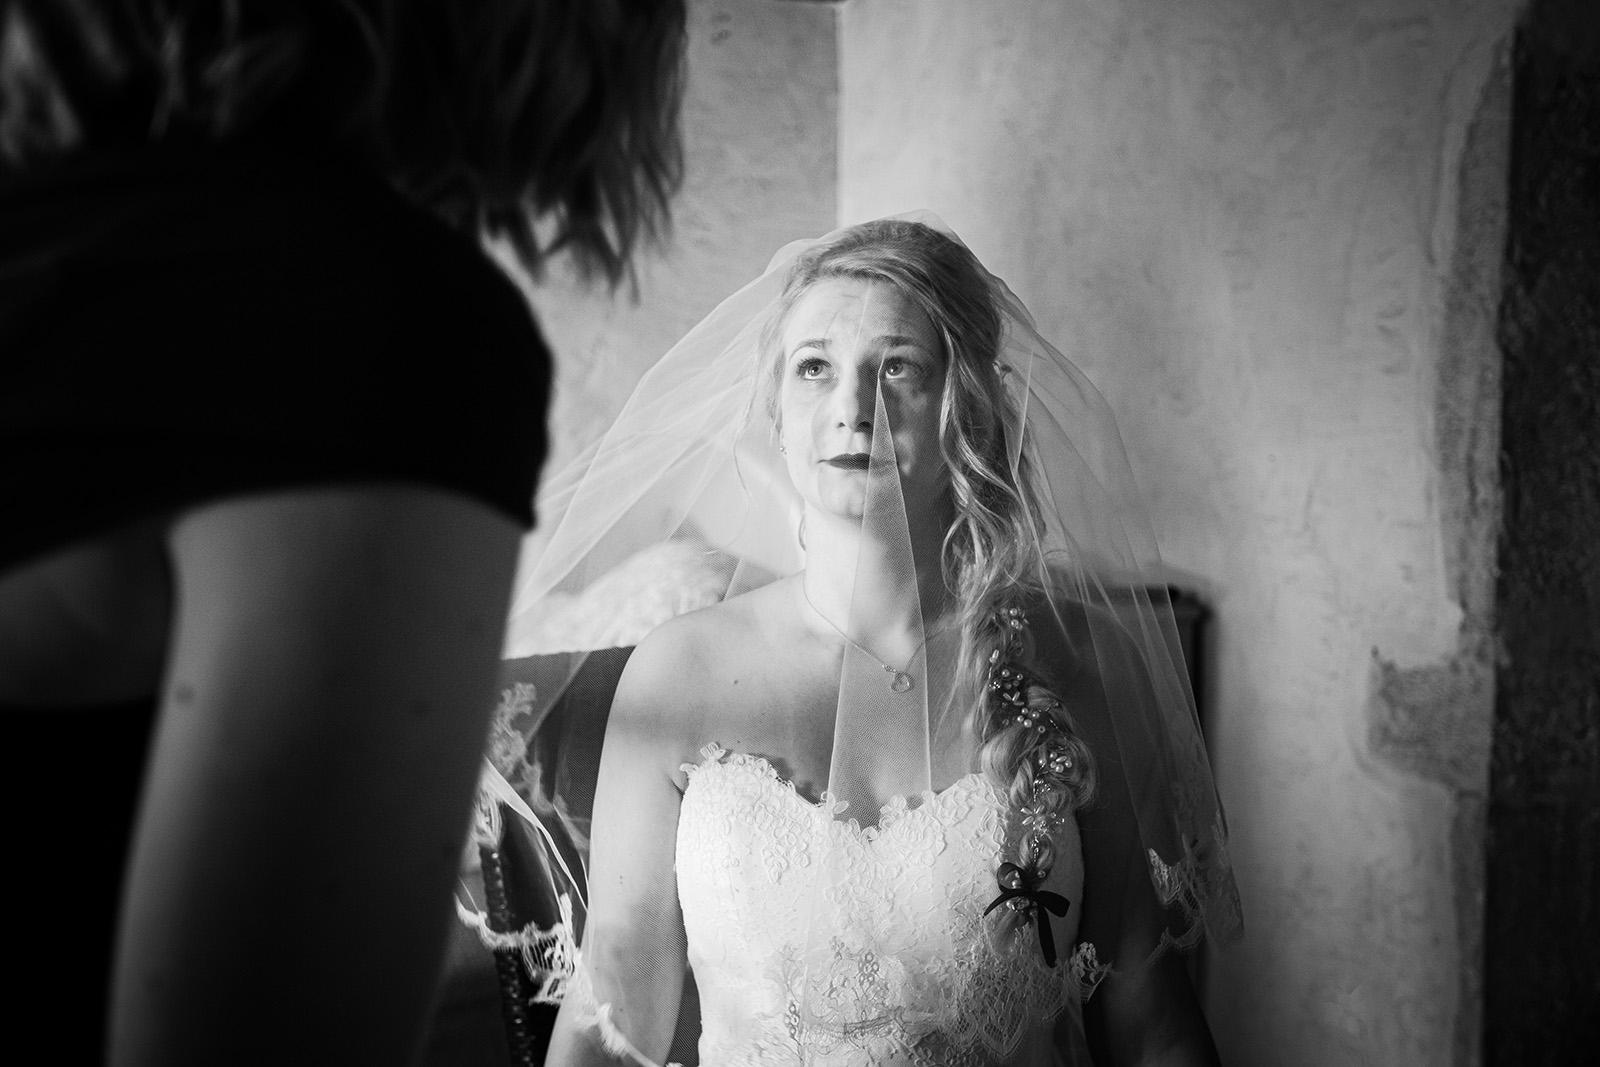 photographe-mariage-wedding-photographer-reportage-photo-domaine-des-plagnes-preparatifs-couple-elise-julliard-auvergne-rhone-alpes-bourgoin-jallieu-mariee